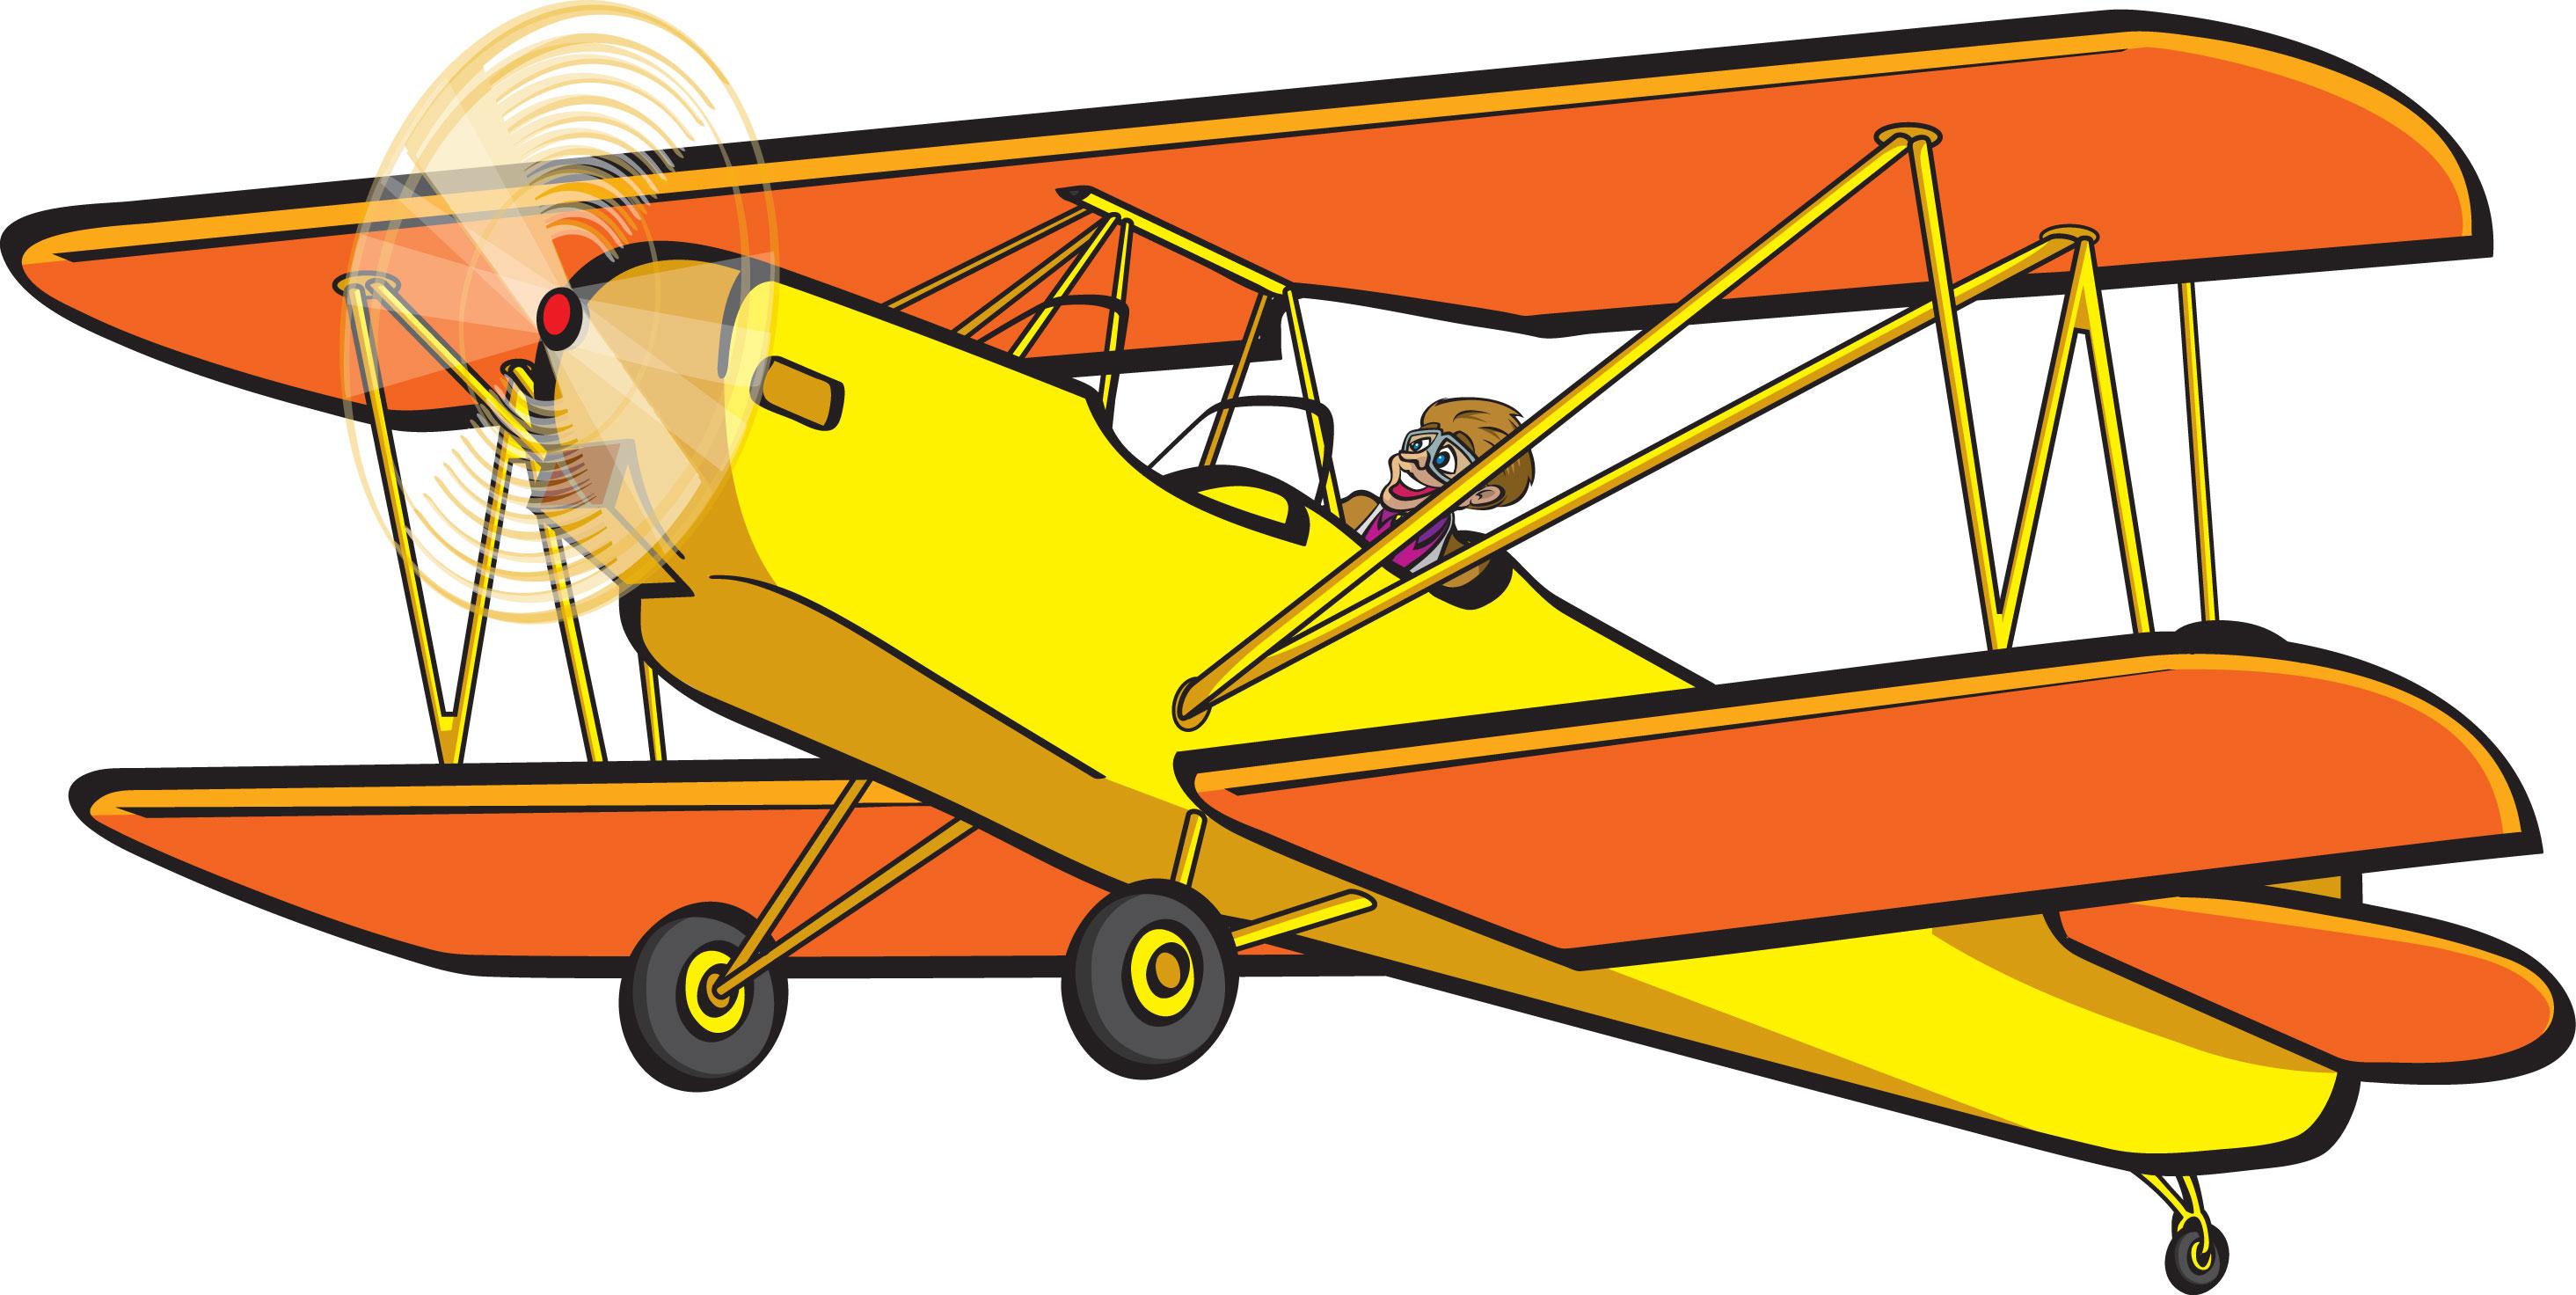 2929x1472 Aircraft Clipart Aviation